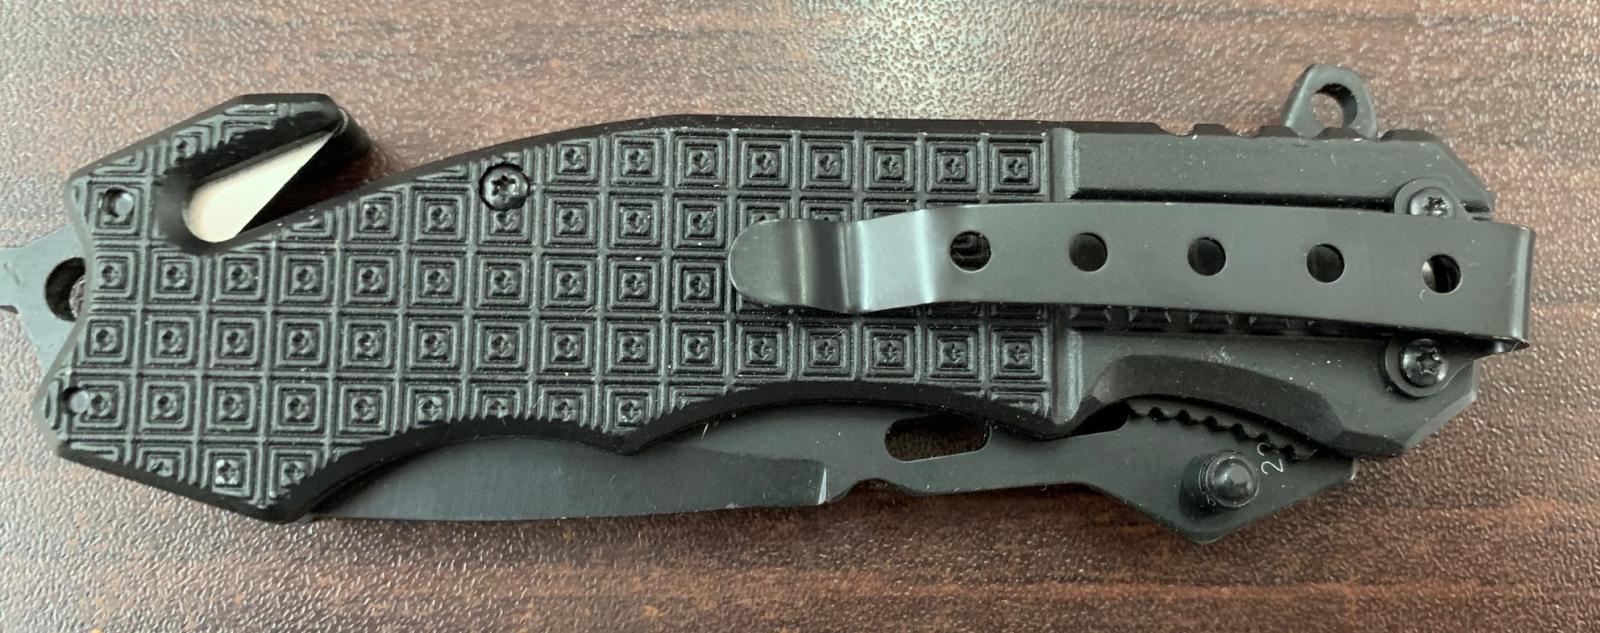 Складной тактический нож Cold Steel с долами и стропорезом